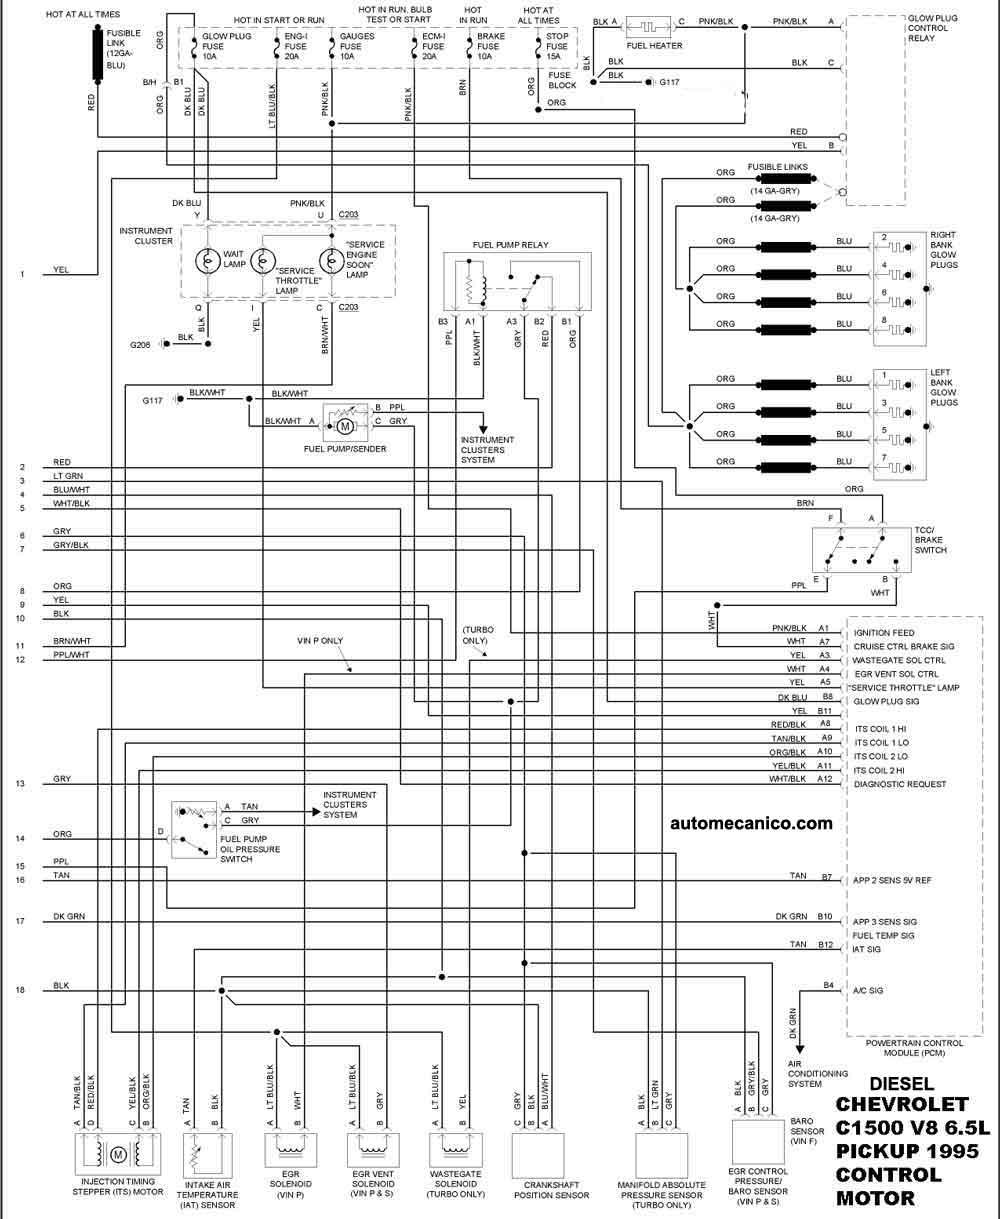 chevrolet -1995 - diagramas control del motor - graphics - esquemas